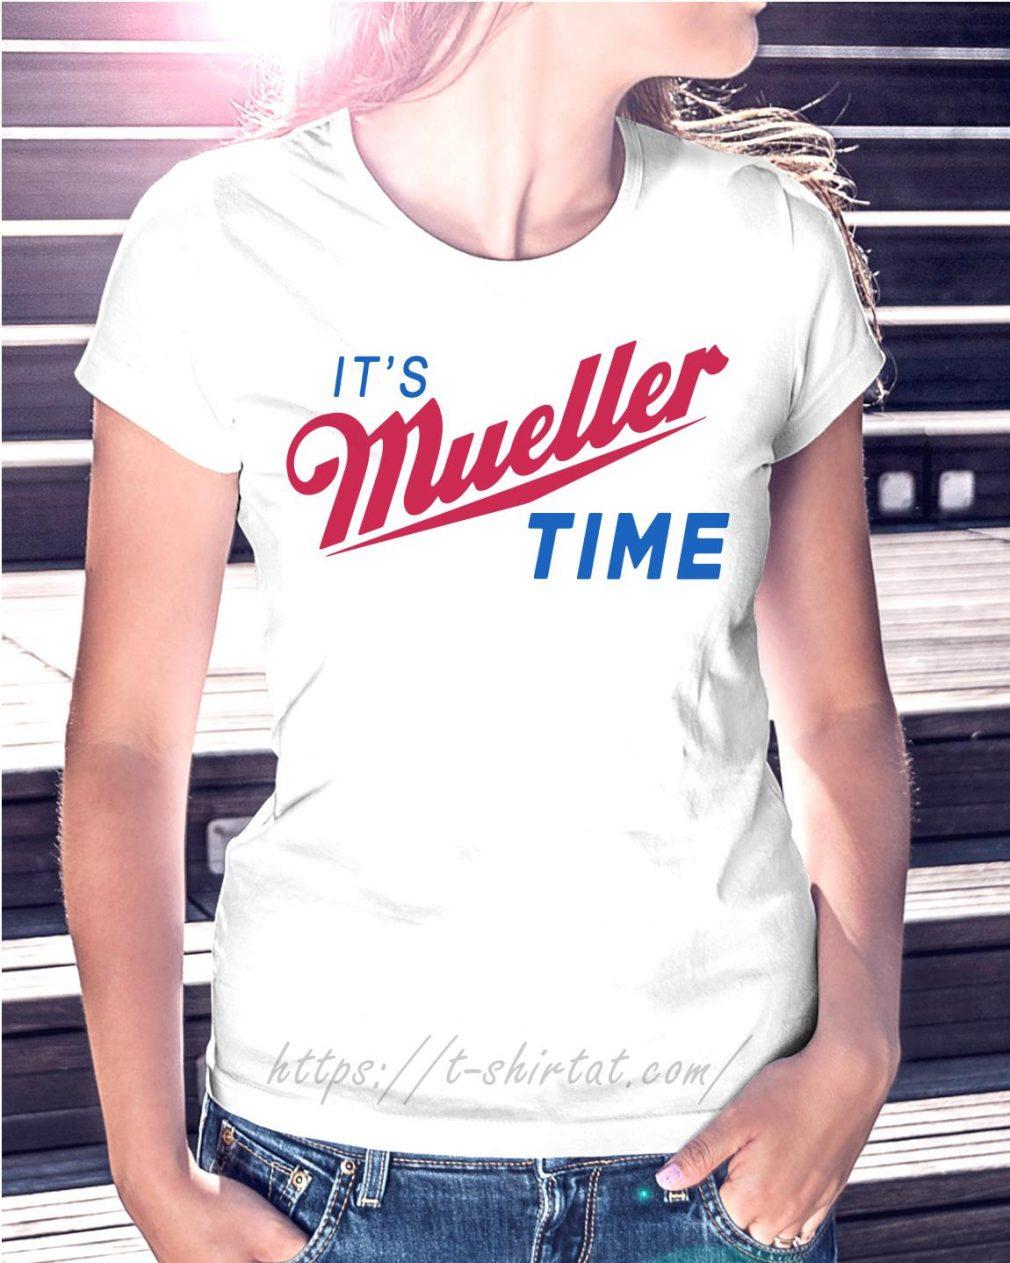 Trump and Mueller it's Robert Mueller time resist Anti Trump